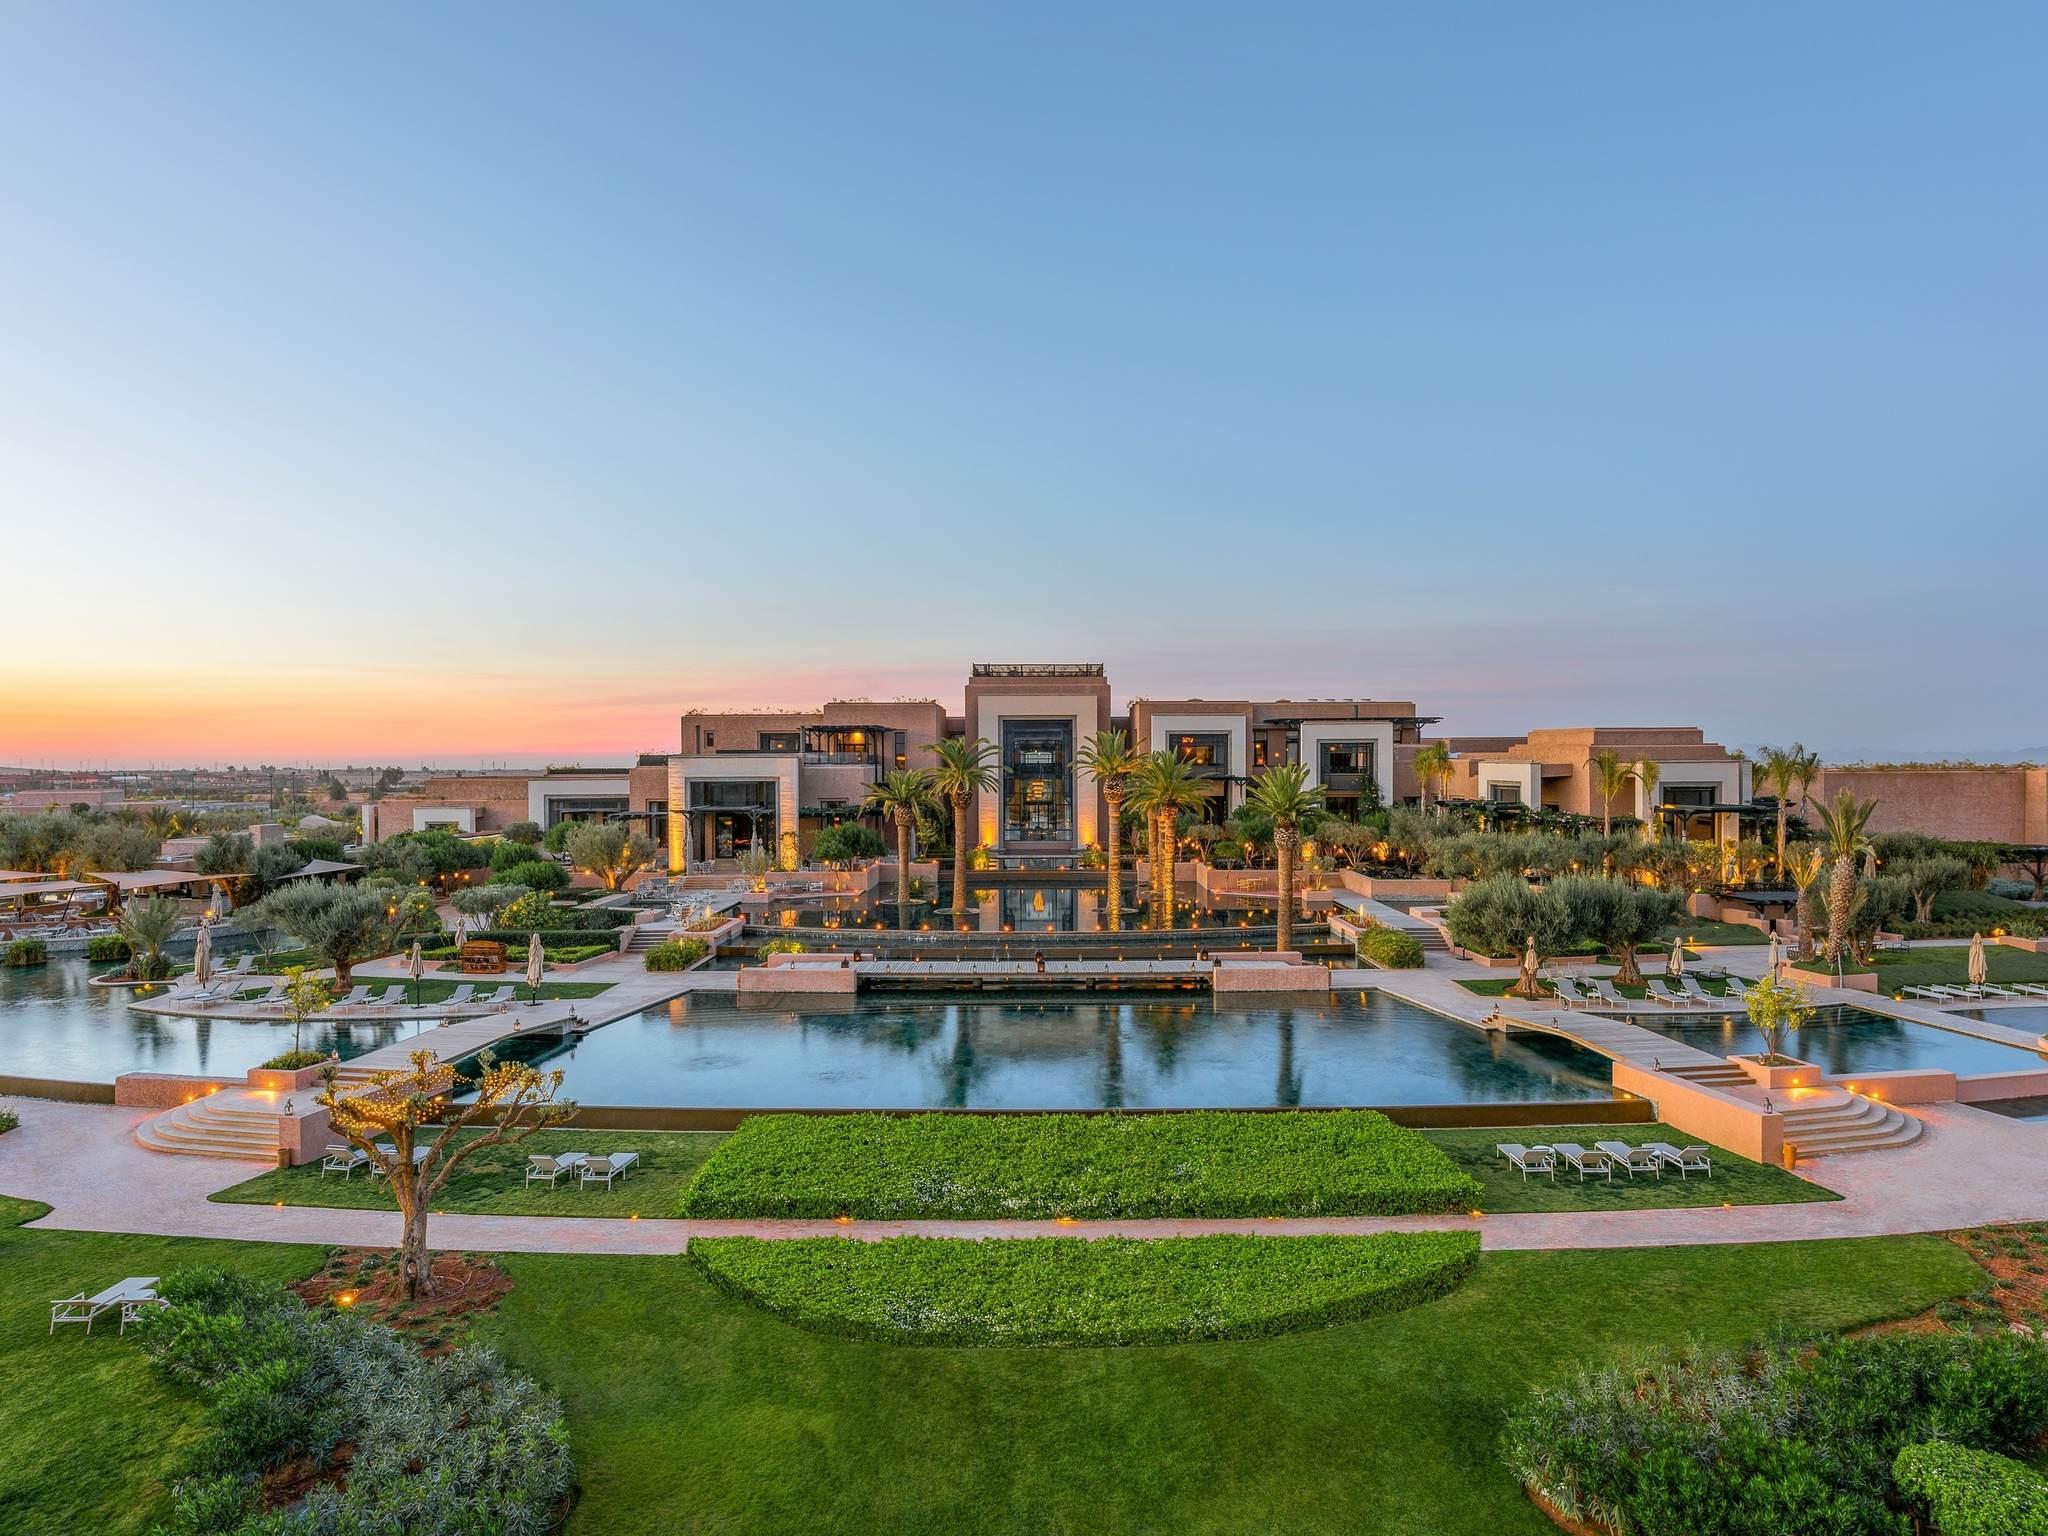 فندق - فندق فيرمونت رويال بالم مراكش،